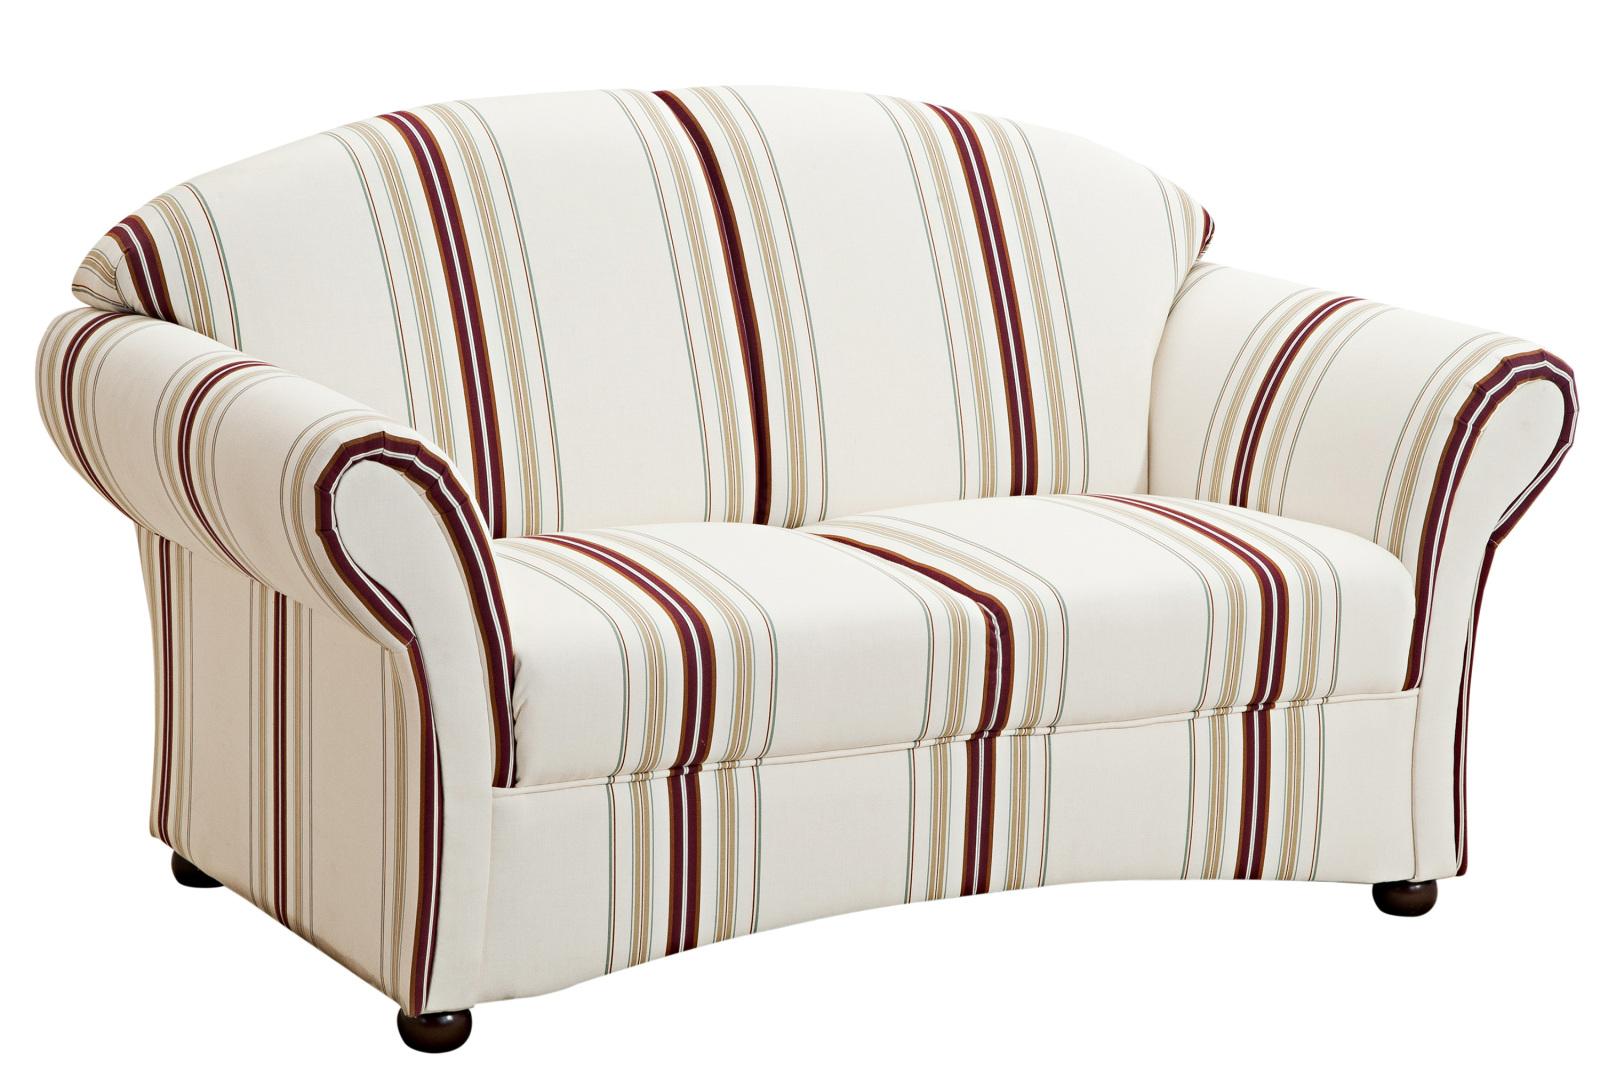 Full Size of 2 Sitzer Sofa Landhaus Wei Online Bei Roller Kaufen L Mit Schlaffunktion Landhausstil Schlafzimmer Heimkino Leinen Chesterfield Gebraucht Bett Canape Sofa Sofa Landhaus